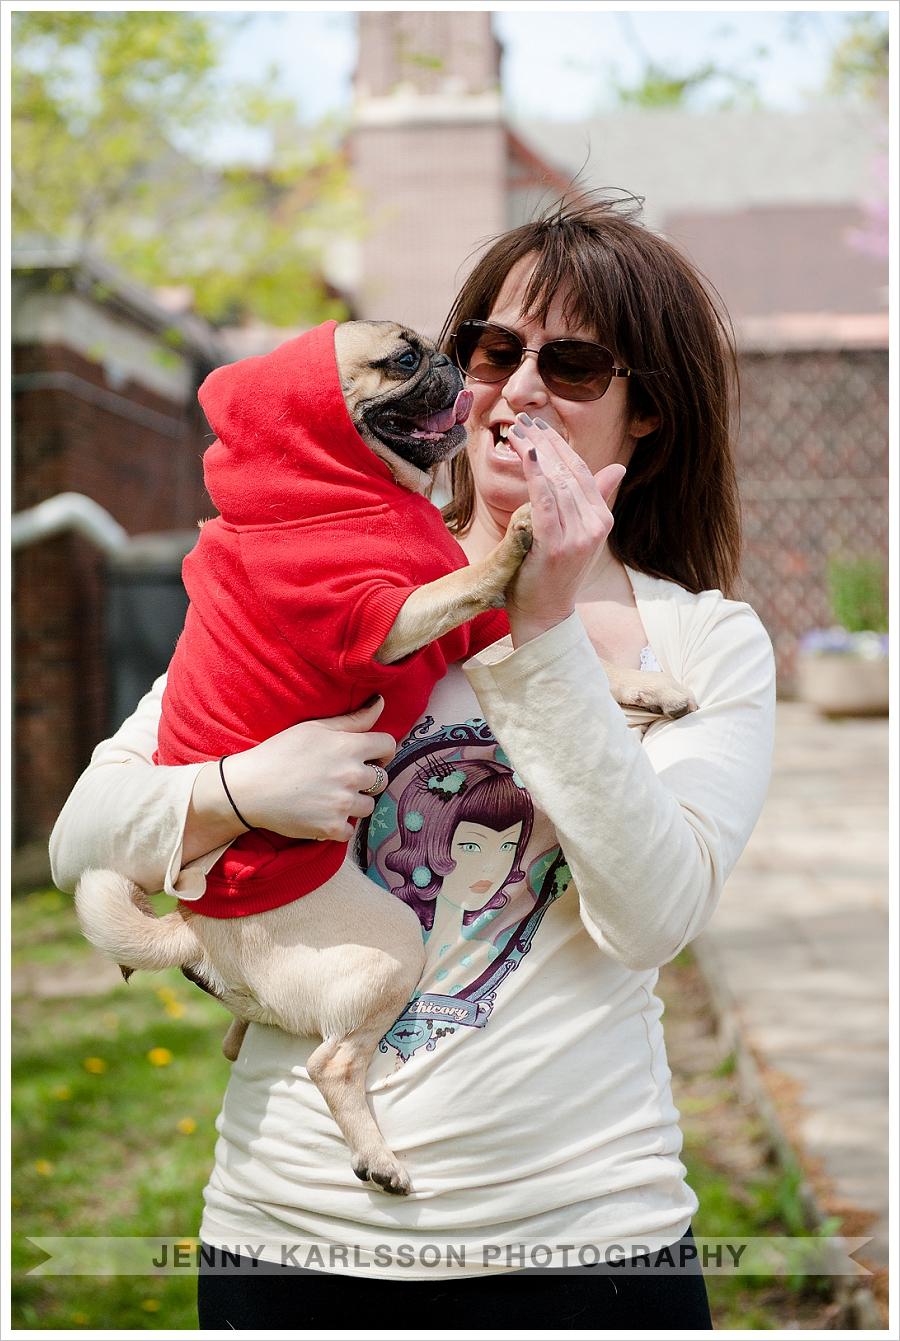 Pug giving high five - Pittsburgh dog photographer